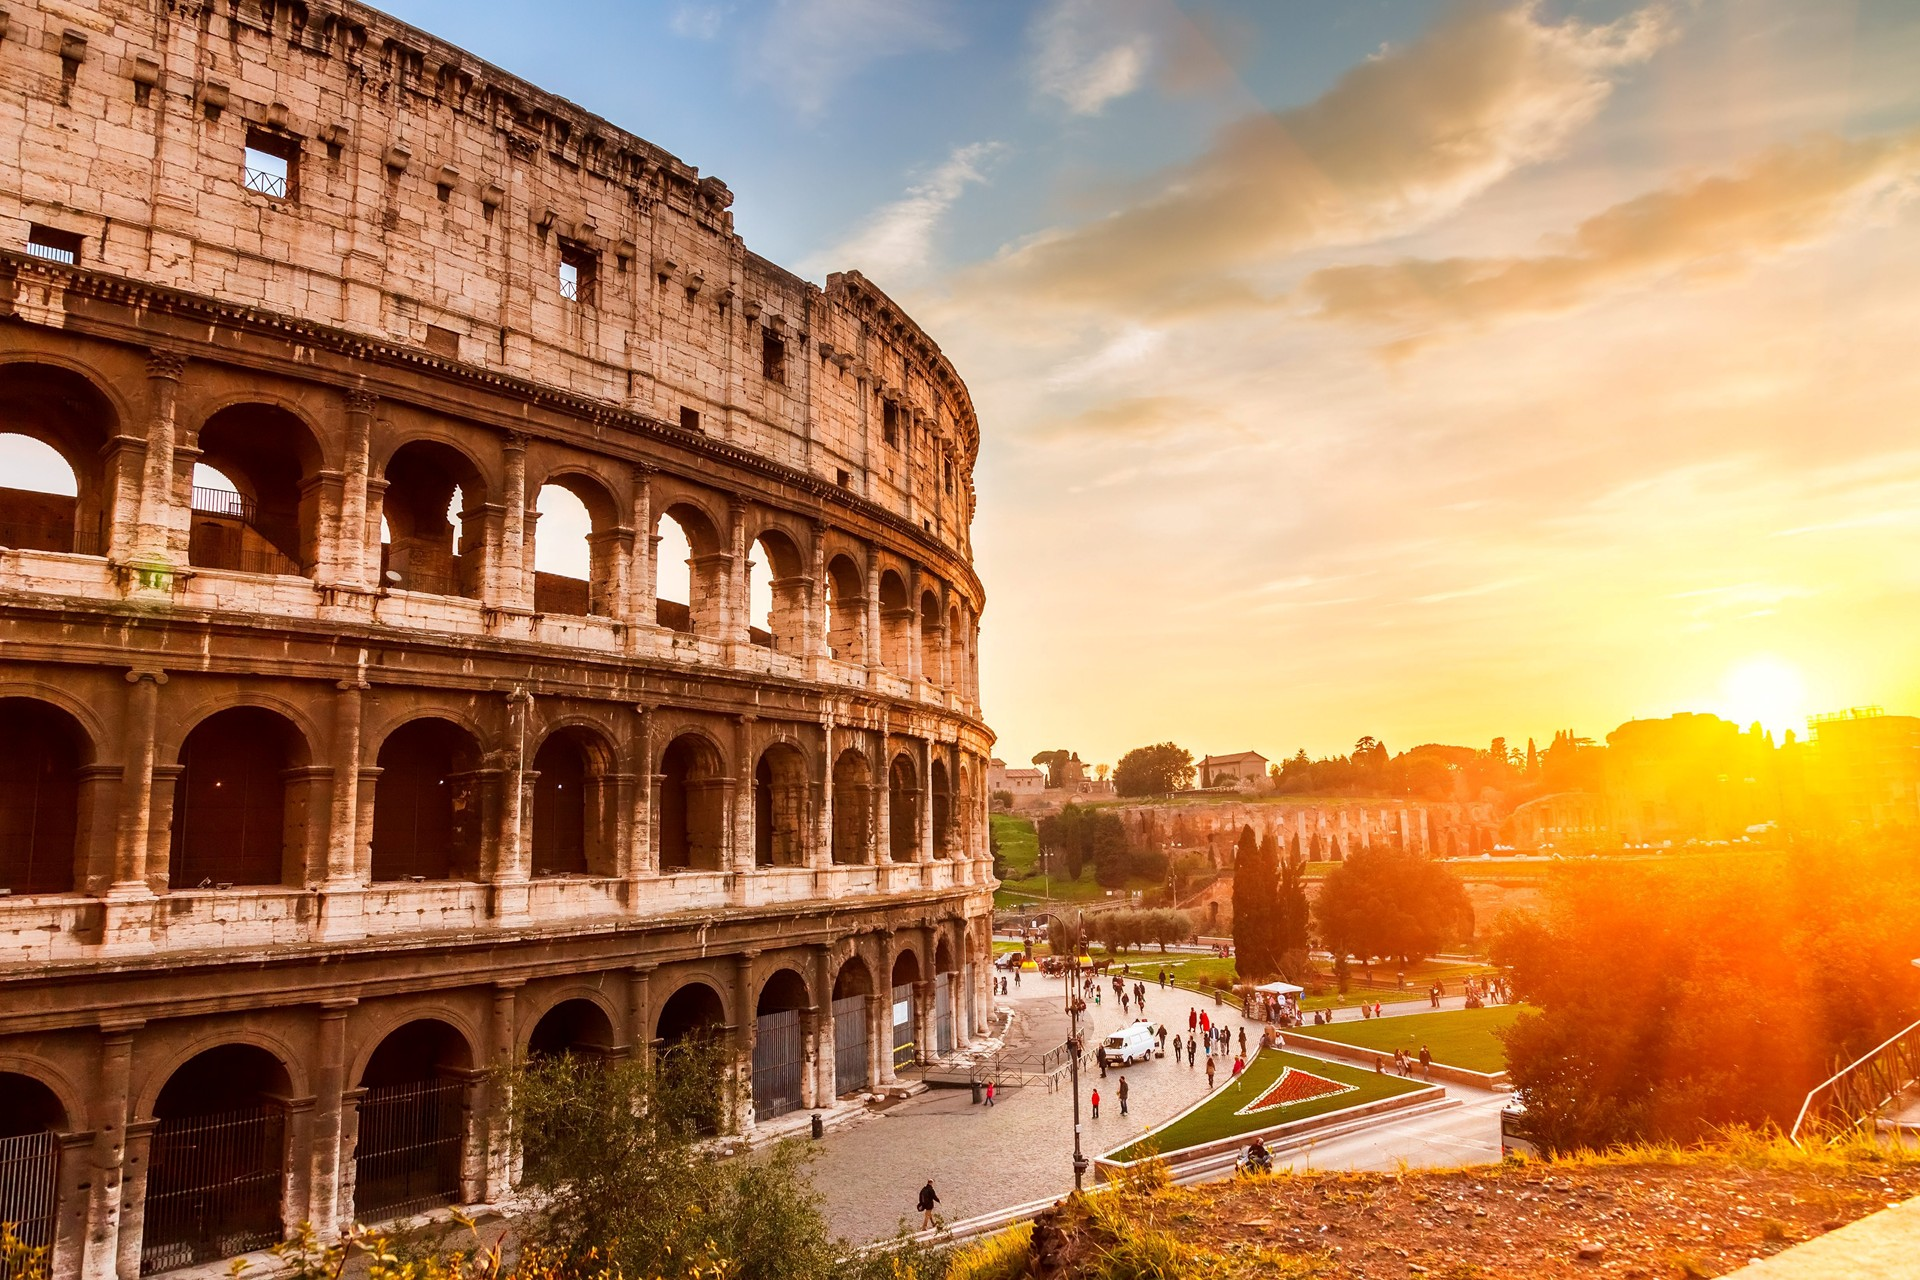 Rim putovanje avionom za novembar last minute ponude